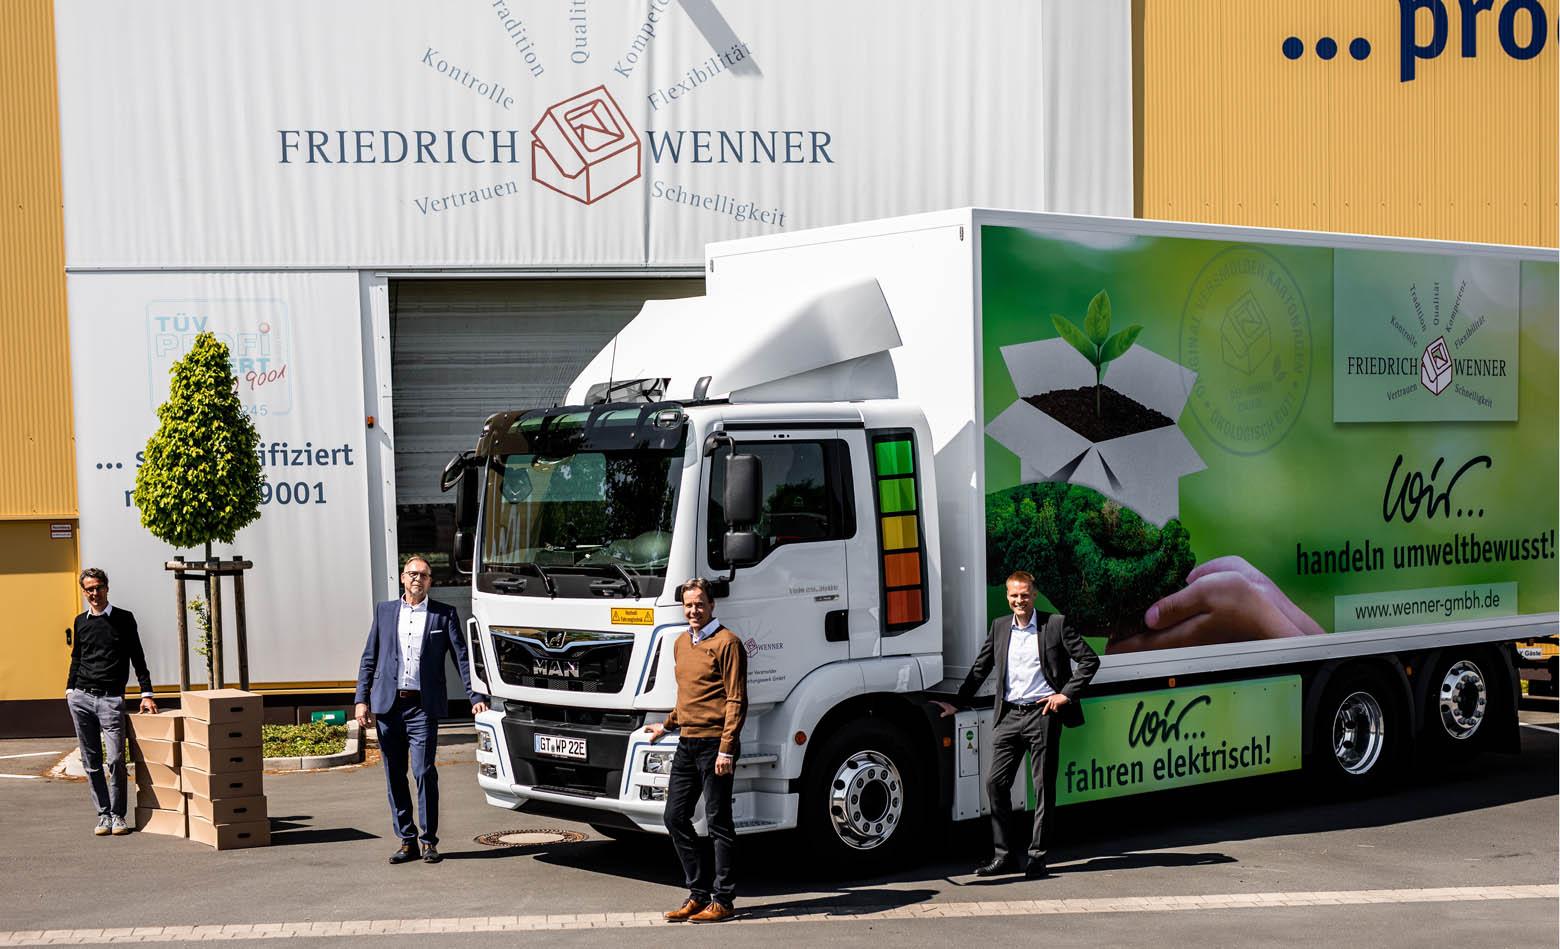 MAN eTGM za Friedrich Wenner GmbH